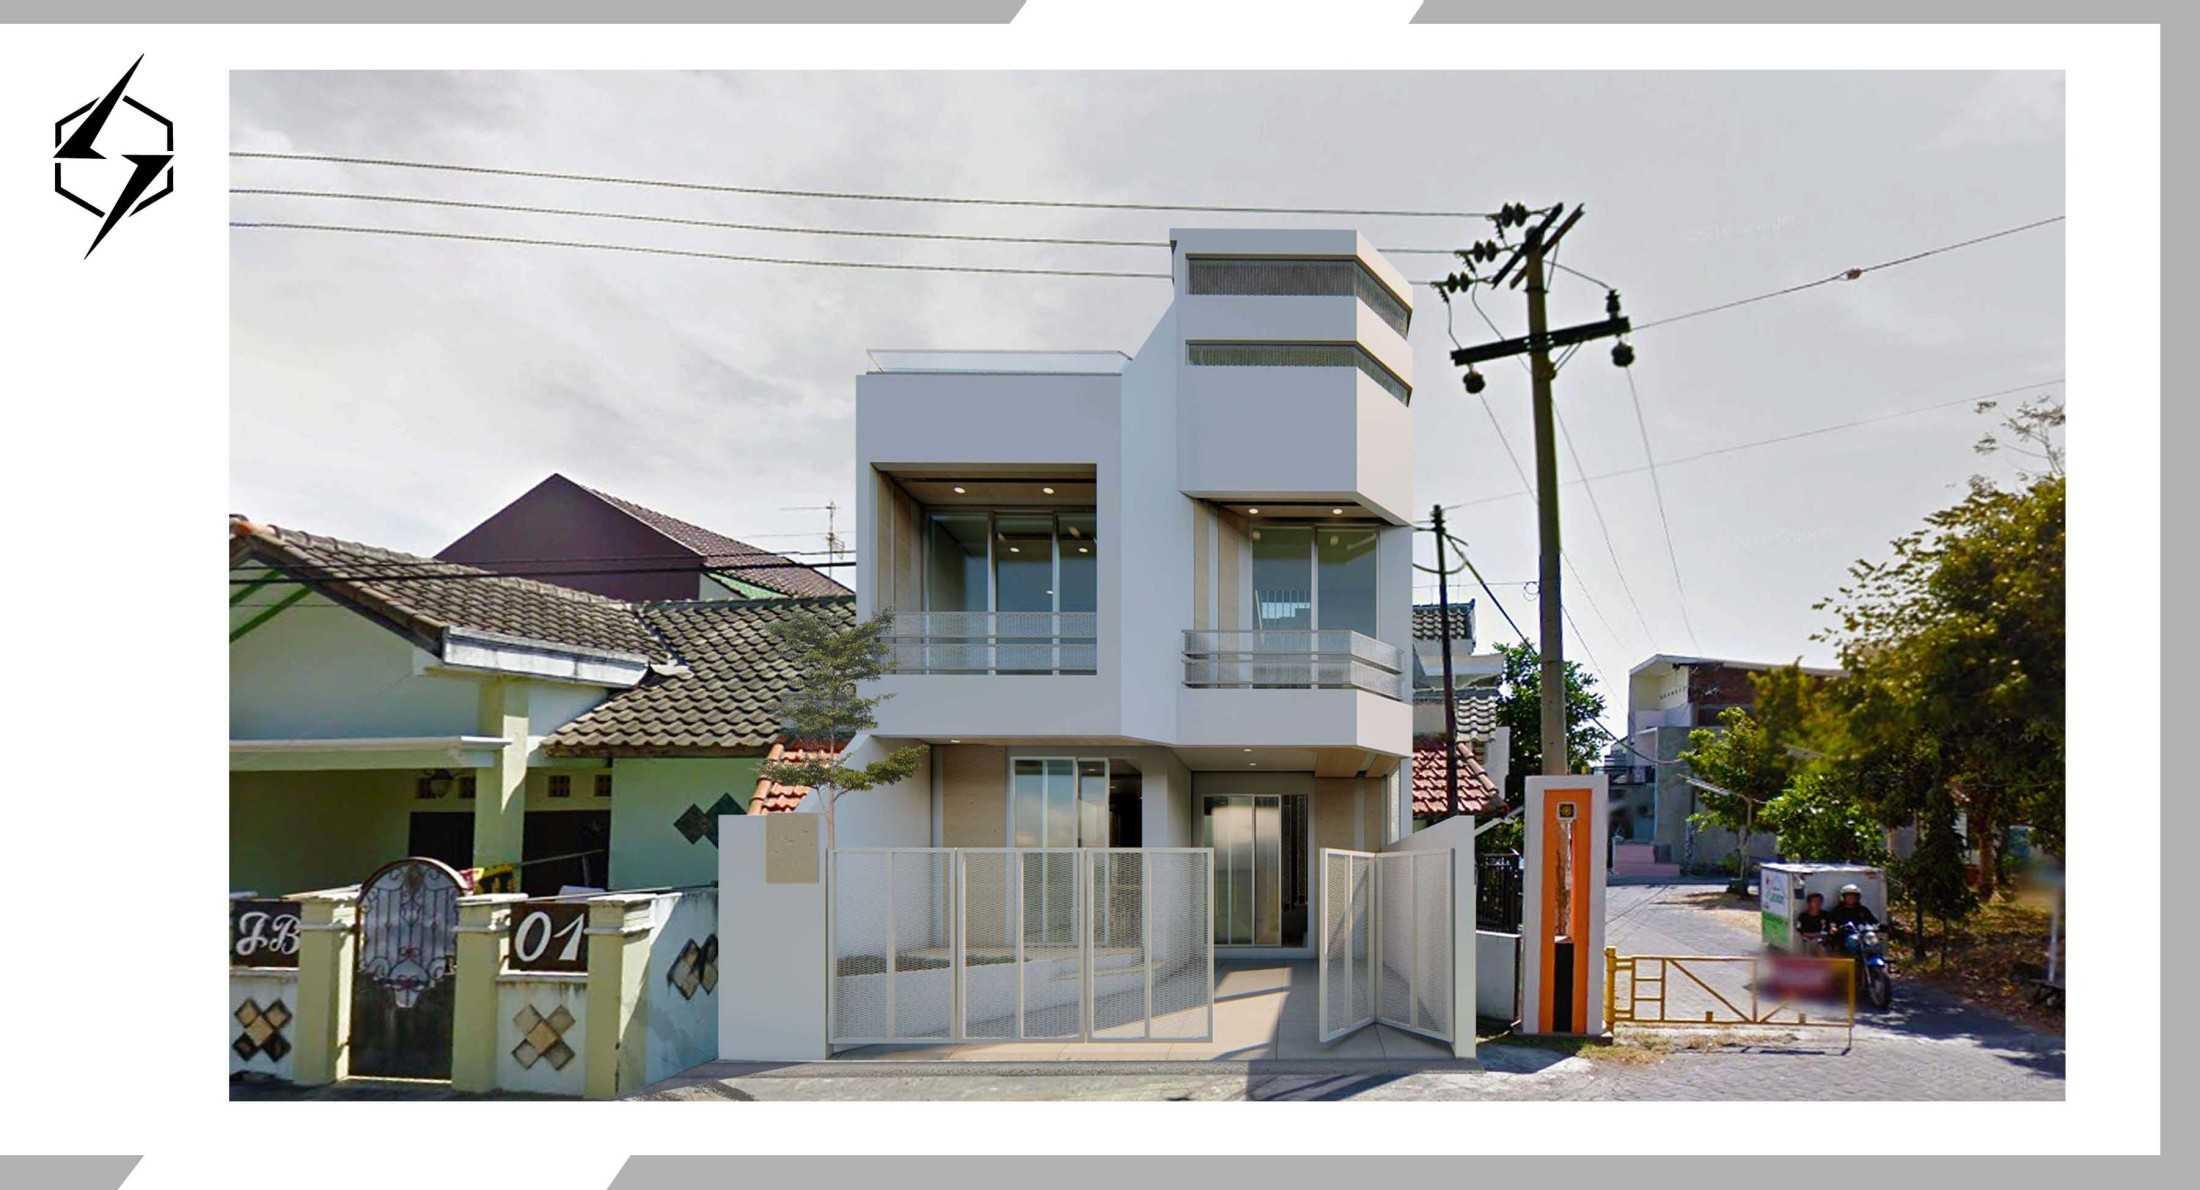 Sasmayarupa Studio White House Kabupaten Sidoarjo, Jawa Timur, Indonesia Kabupaten Sidoarjo, Jawa Timur, Indonesia Sync-Studio-White-House  130892